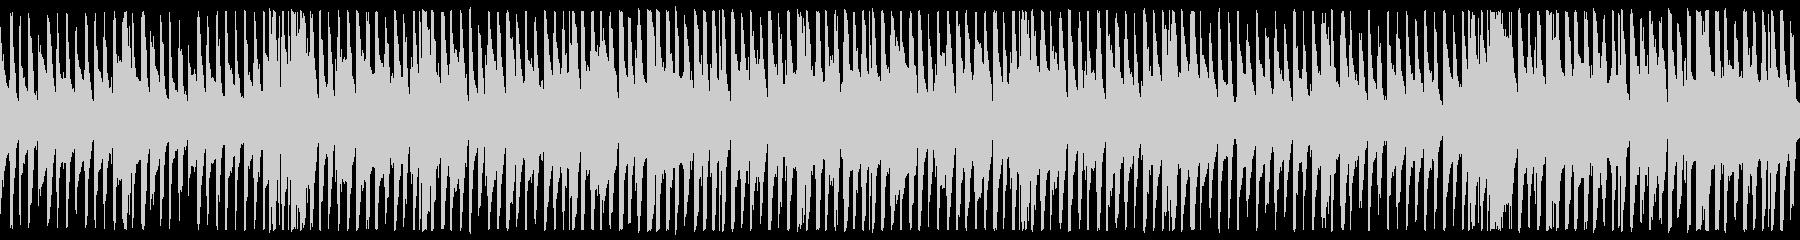 明るく爽やかなPR動画用BGMの未再生の波形